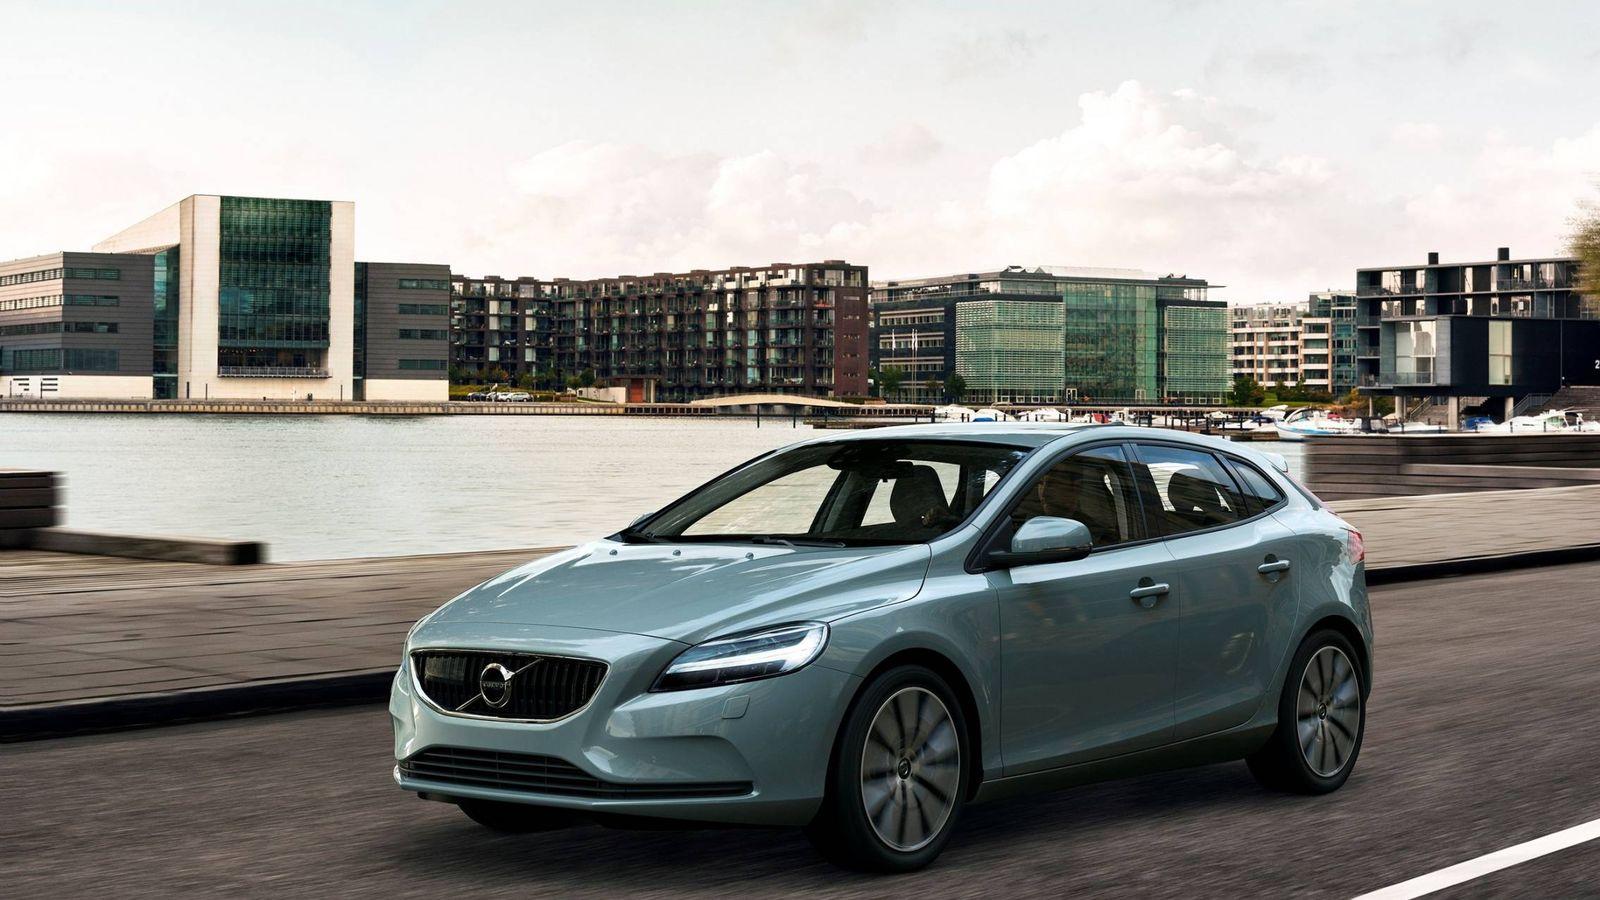 Foto: Volvo V40 con su nuevo frontal